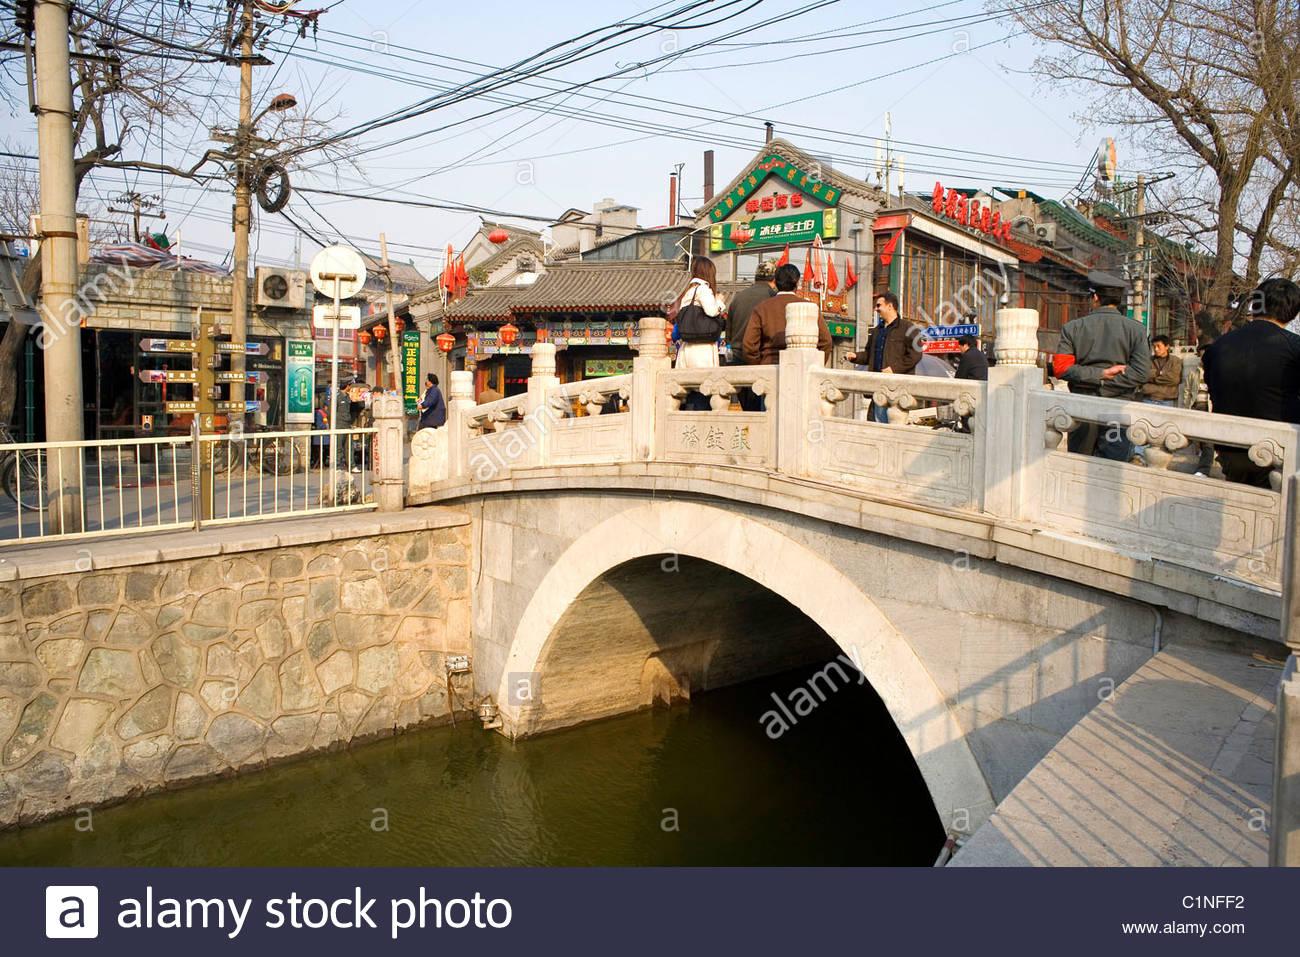 Beijing City, Shichahai, Hutong, Silver Ingot Bridge, Dongcheng District, China Stock Photo